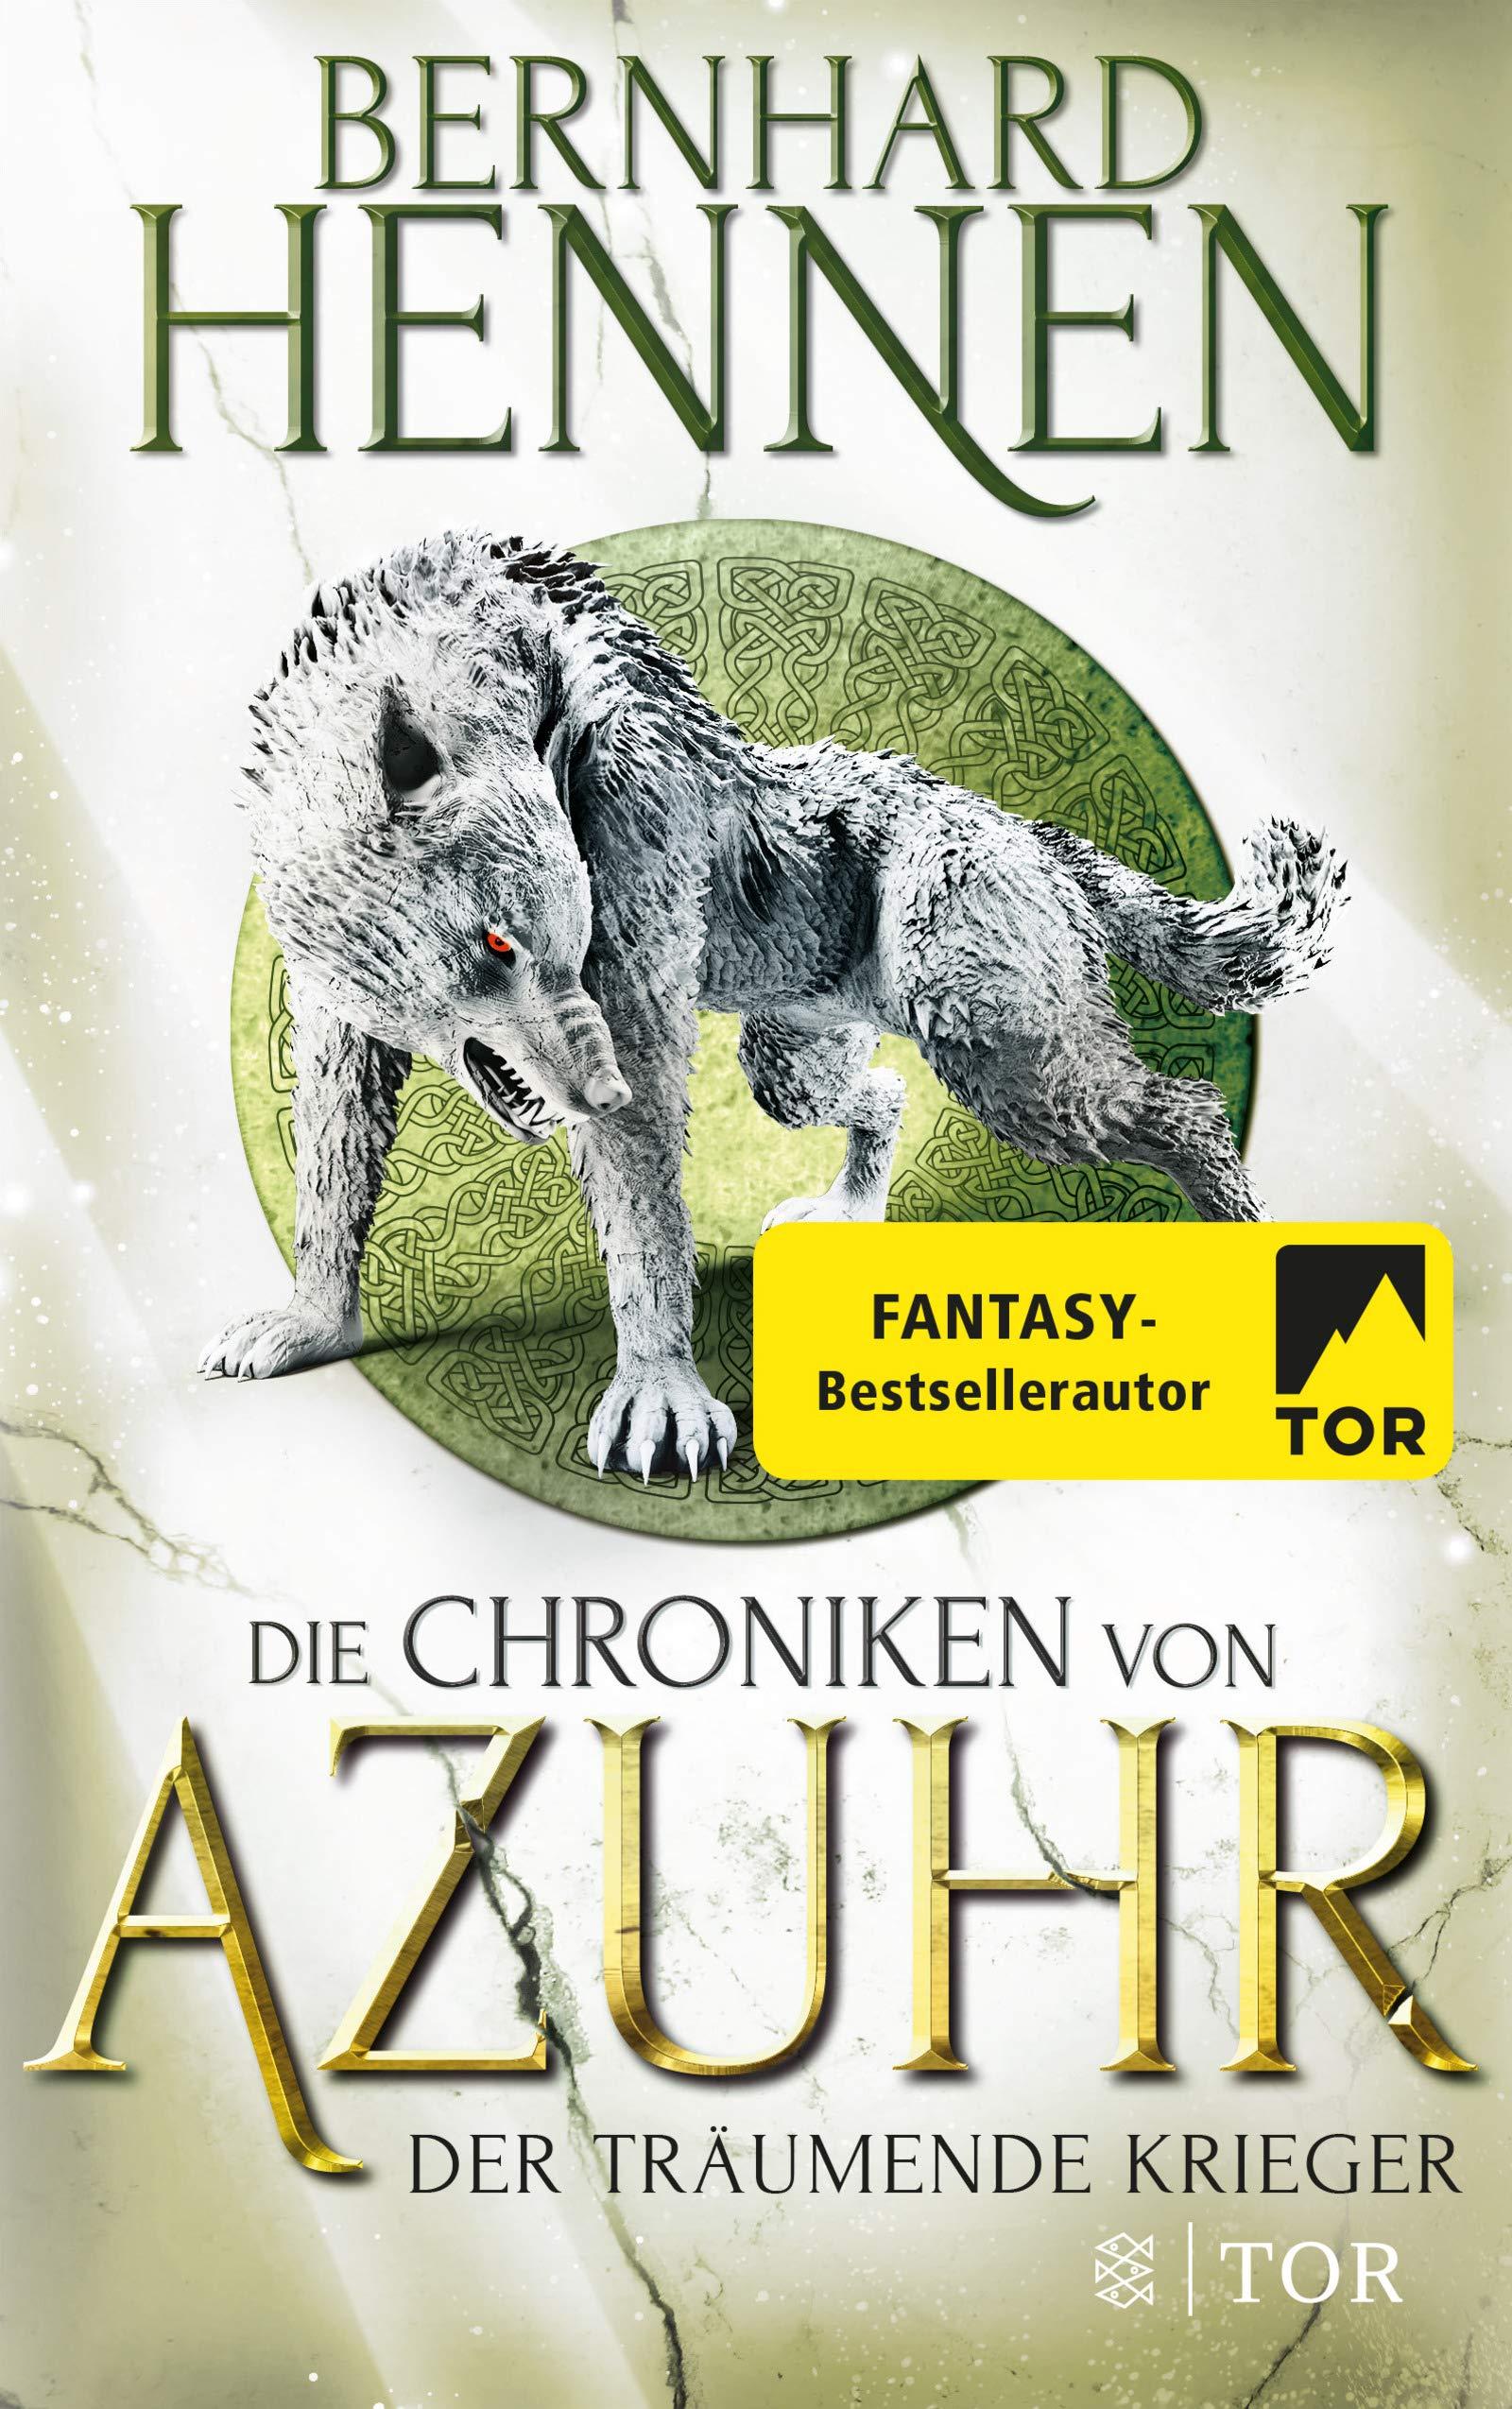 Hennen_Bernhard_Die_Chroniken_von_Azuhr3_Phantastik-Autoren-Netzwerk.jpg